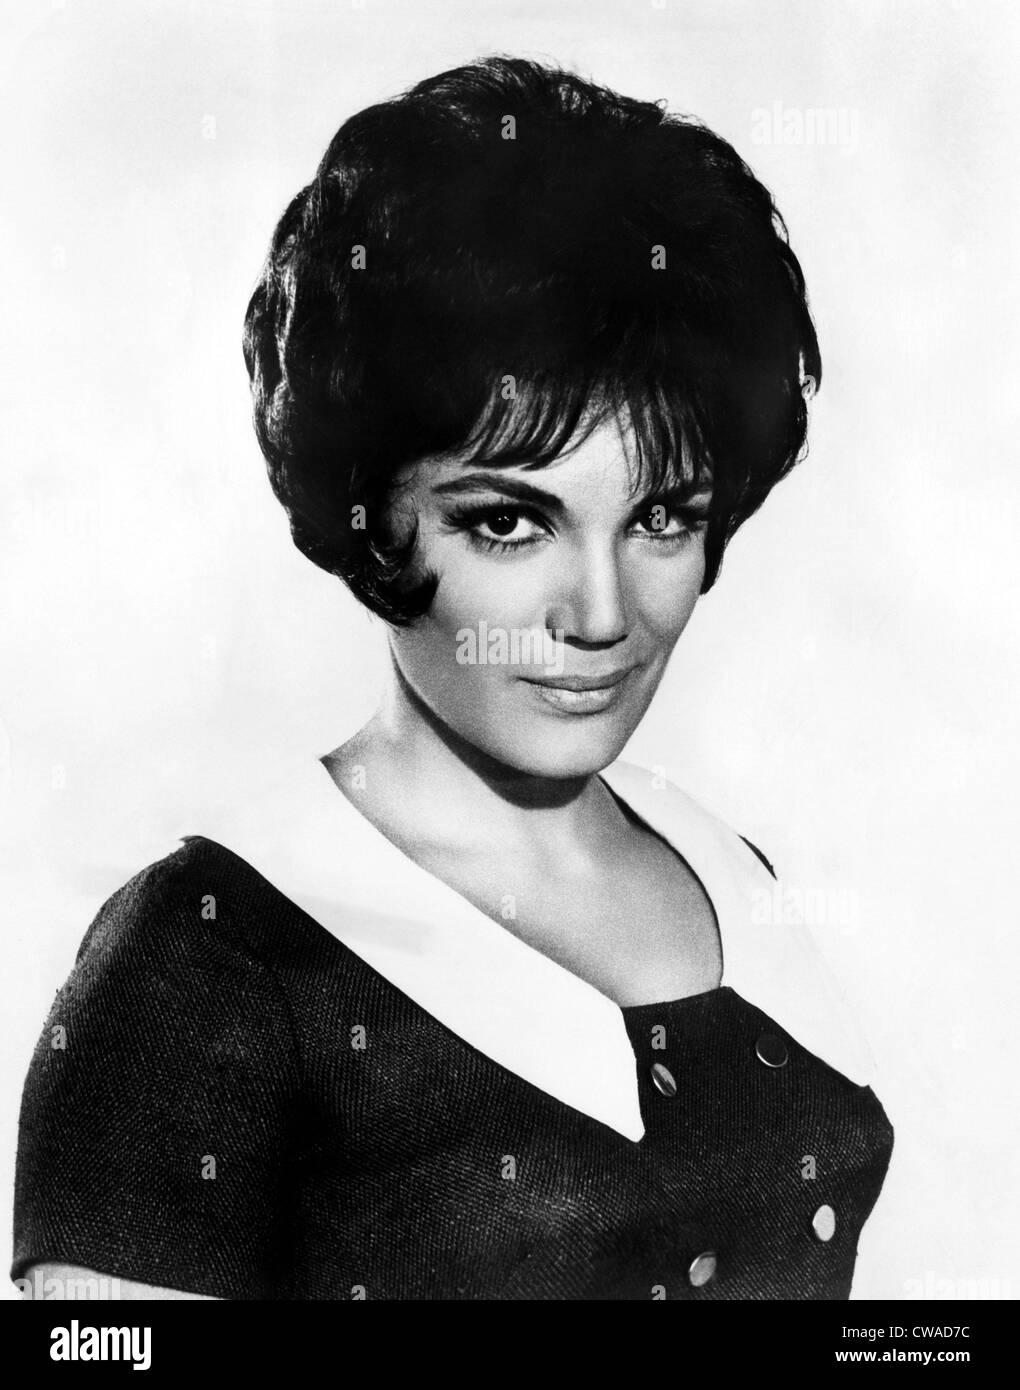 1960S Hairstyles   1960s Hairstyles Stockfotos 1960s Hairstyles Bilder Alamy